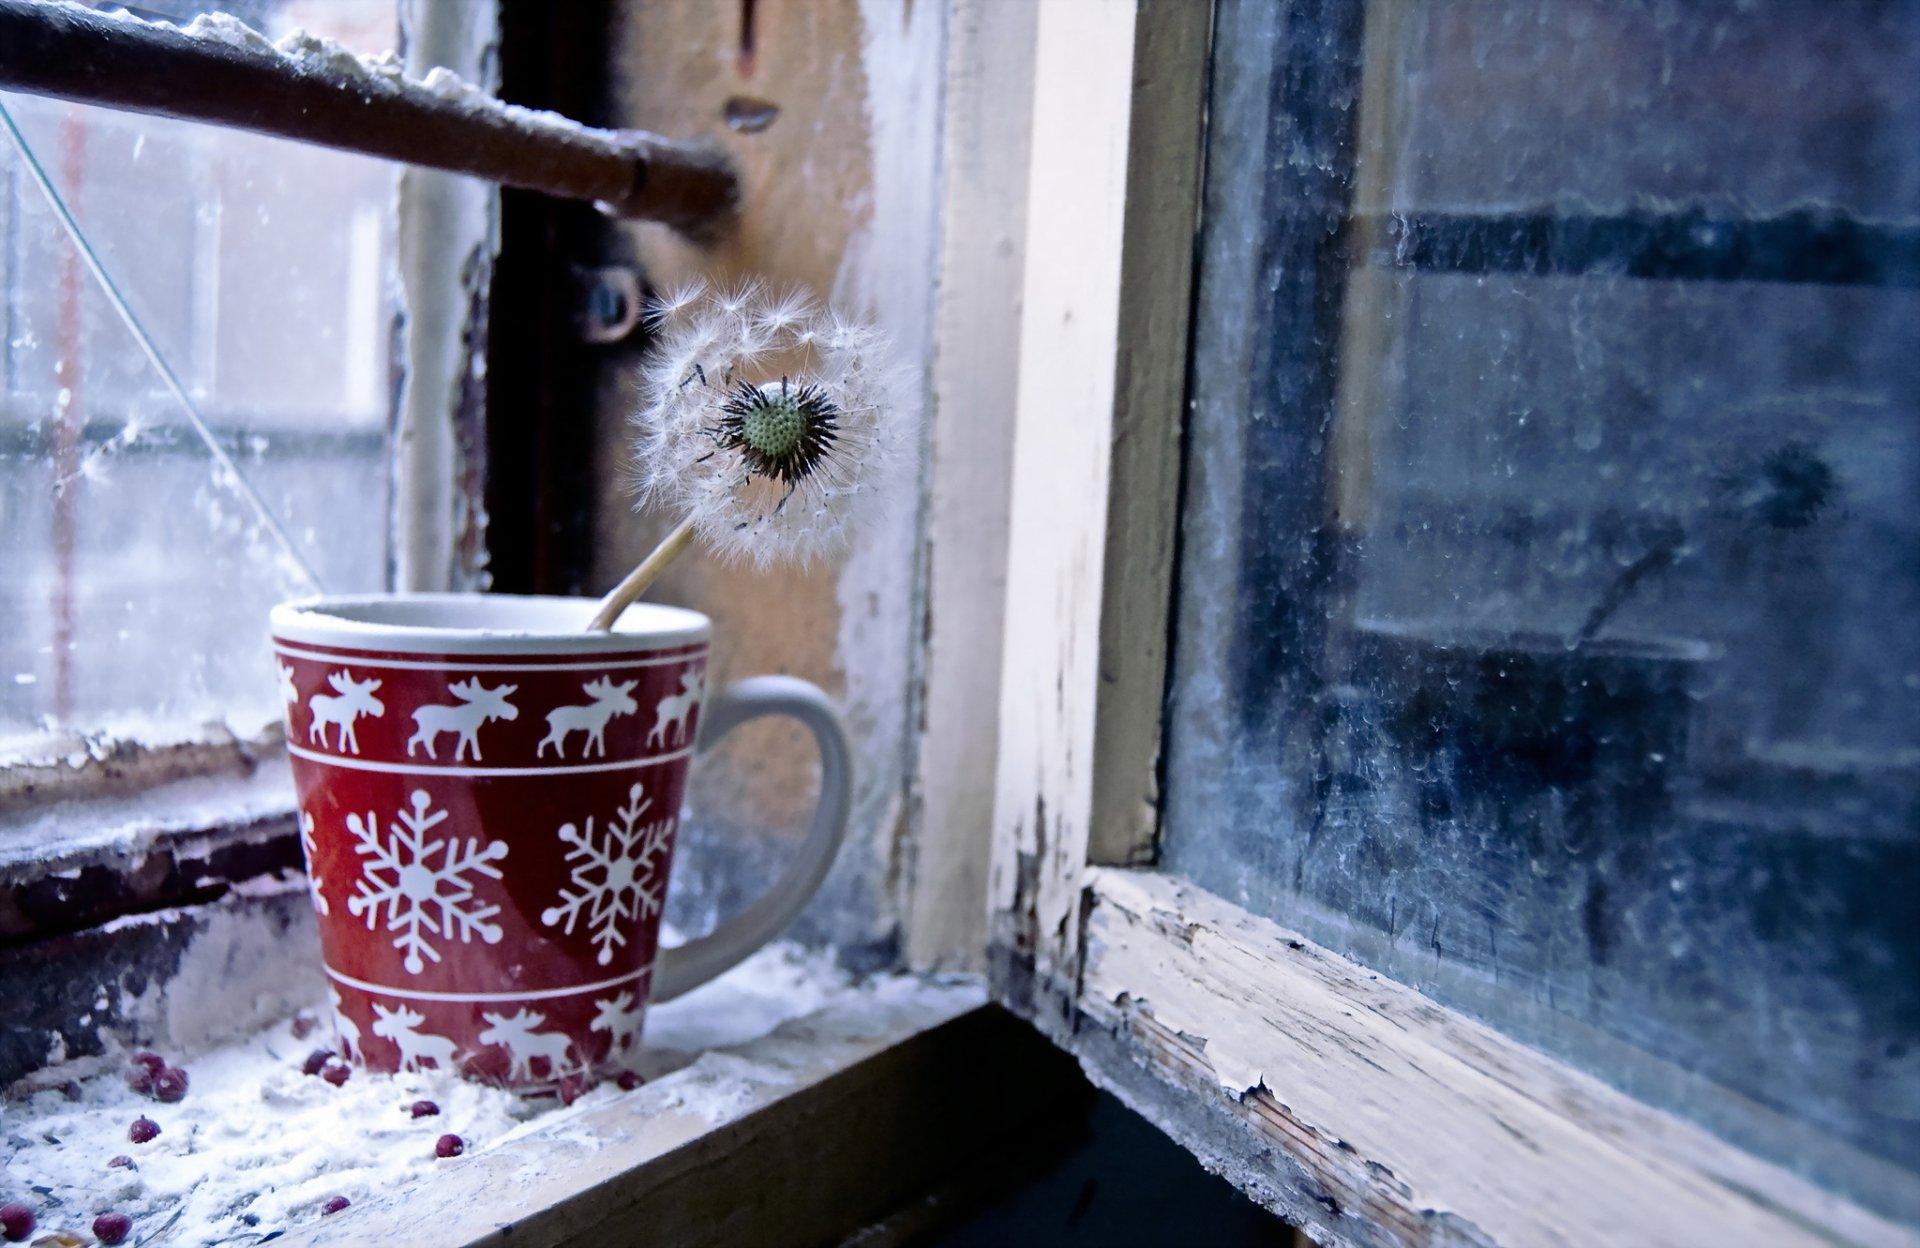 Открытка доброго зимнего утра орхидеи на окне за окном зима снег, картинки детьми животными